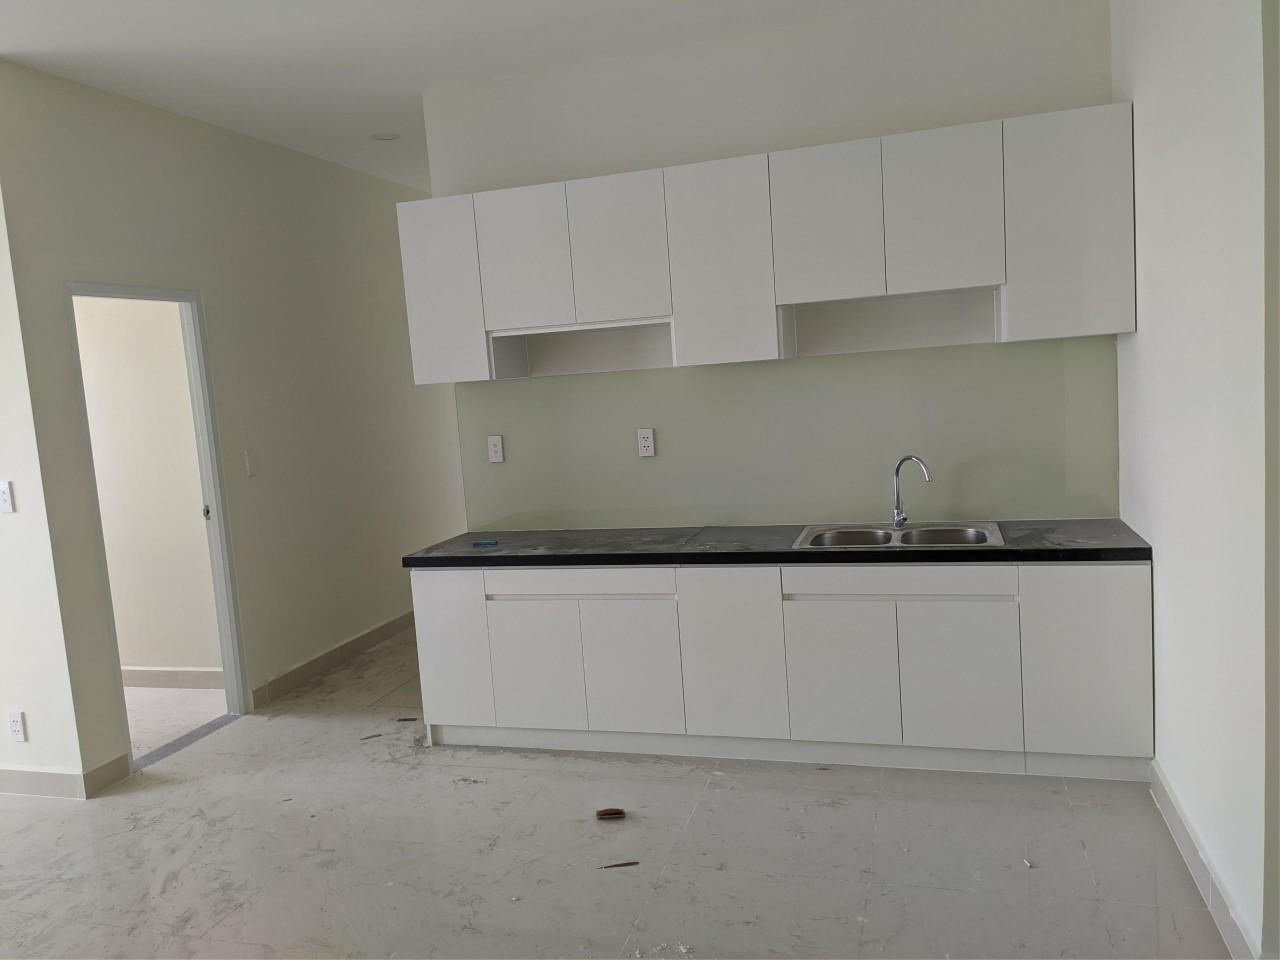 Cần bán căn hộ chung cư Topaz Elite quận 8 , Phoenix 1 , Block A , tầng trung ,thiết kế 3 phòng ngủ , 02 toilet , căn góc đầy gió, diện tích 85,7m2